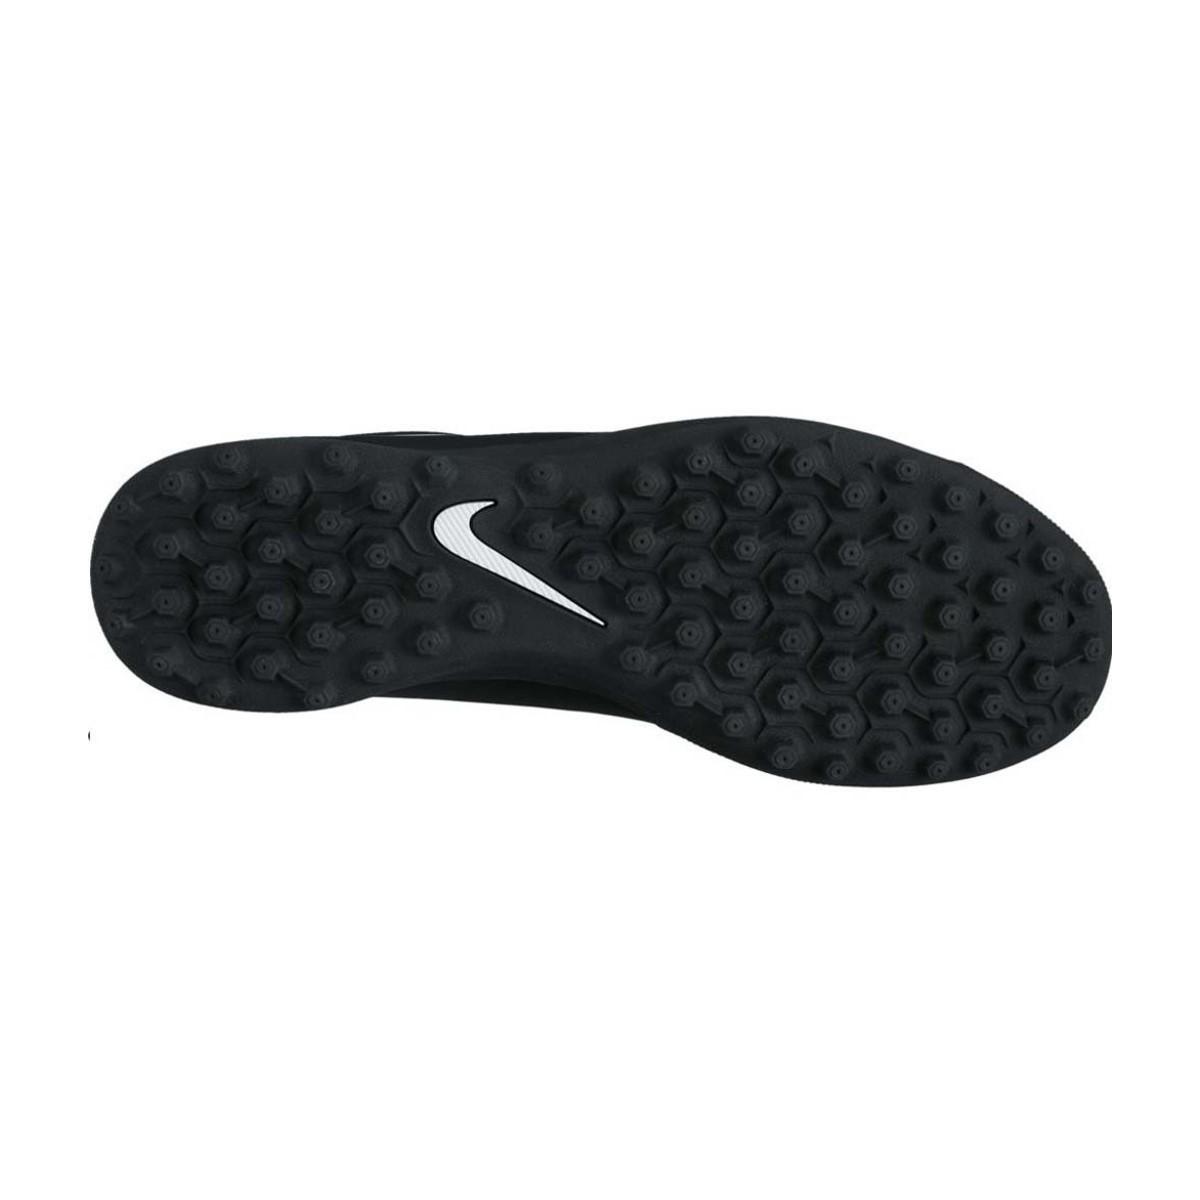 Bravatax II Siyah Halı Saha Ayakkabısı